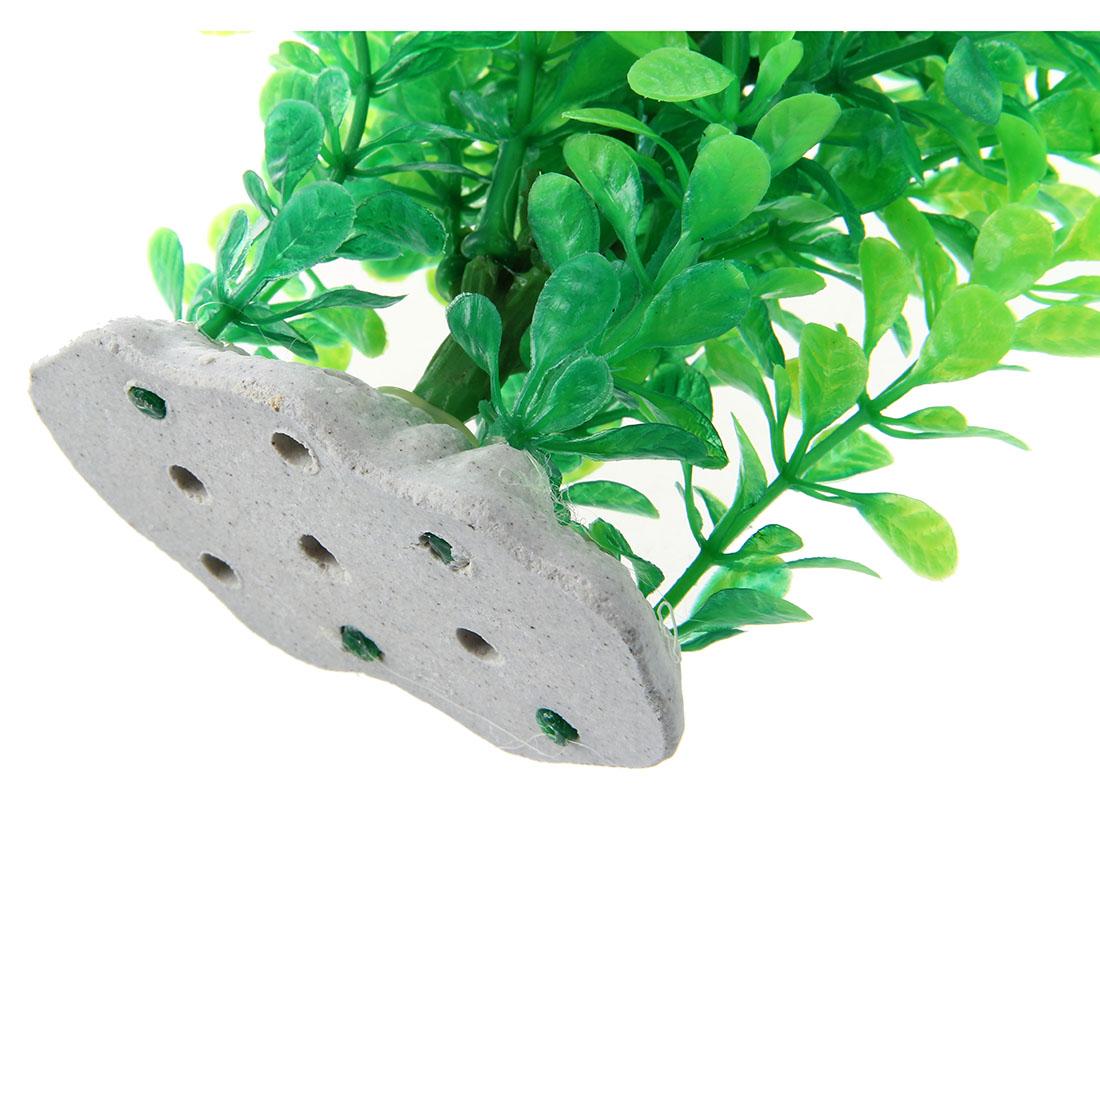 5x gruen gefaelschte plastik wasserpflanzen fuer aquarium. Black Bedroom Furniture Sets. Home Design Ideas